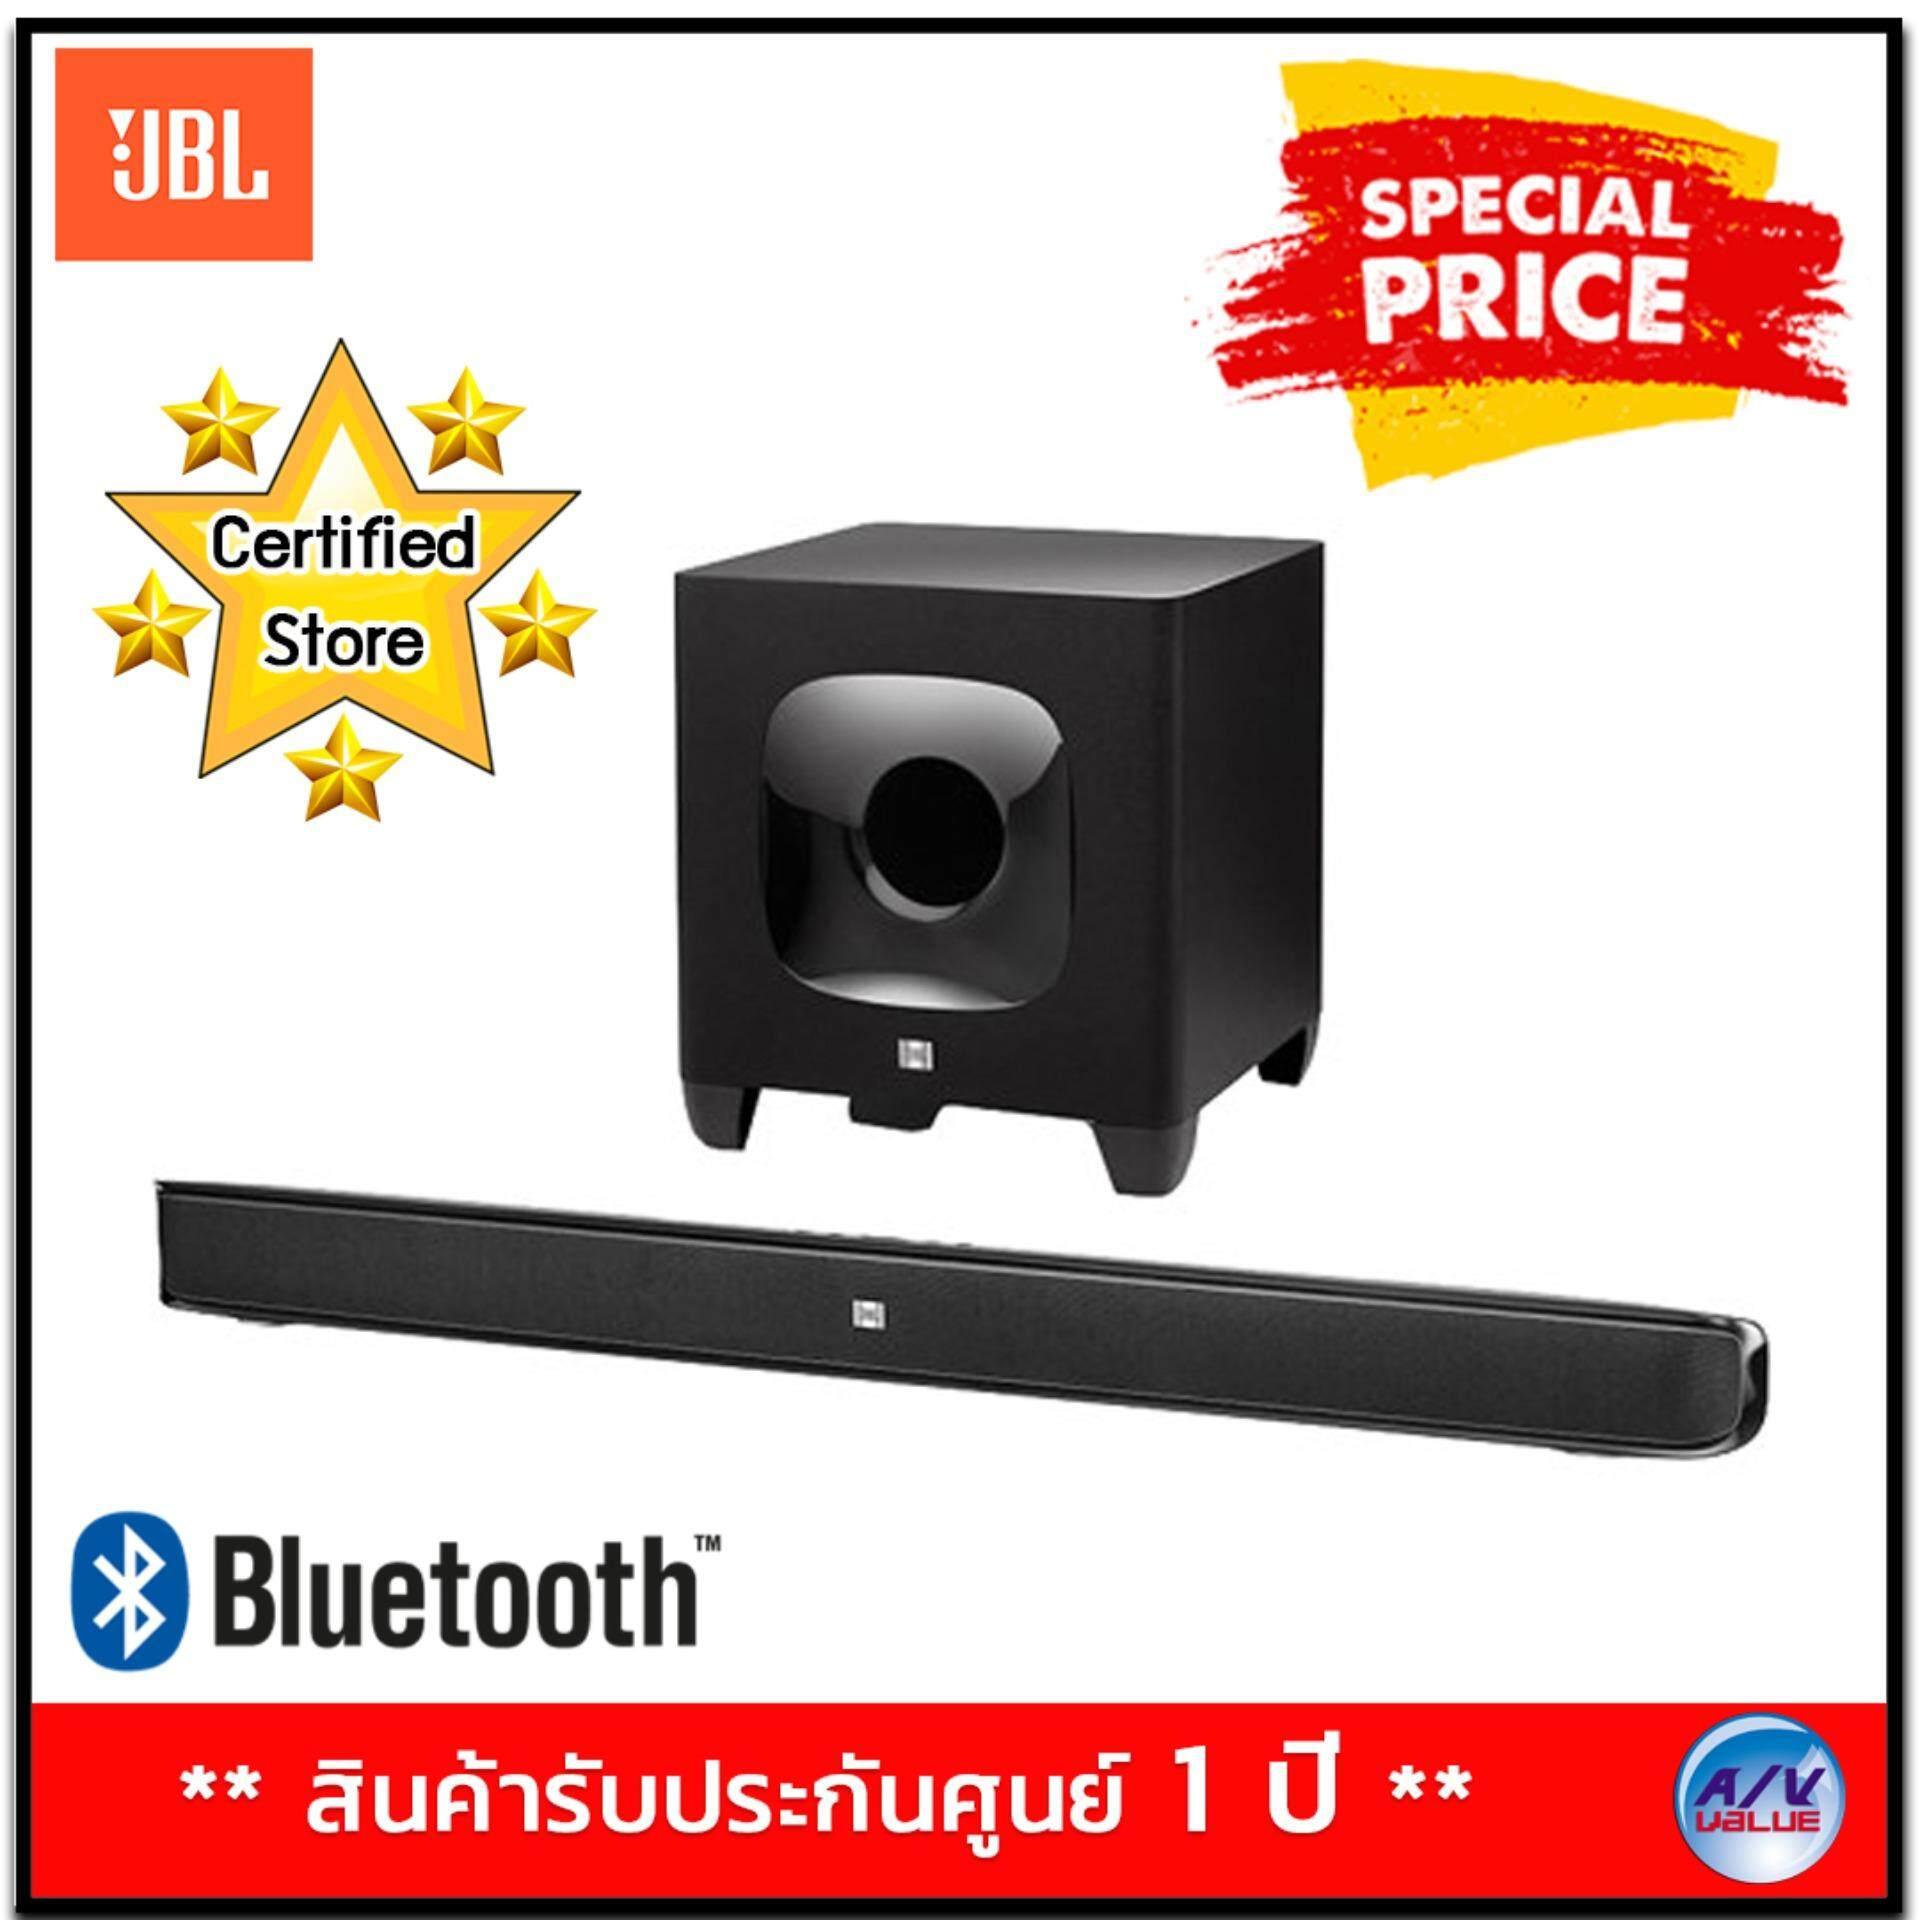 สอนใช้งาน  พิจิตร JBL Cinema Sound Bar Series รุ่น SB-400 **Voucher ส่วนลดเพิ่มพิเศษ